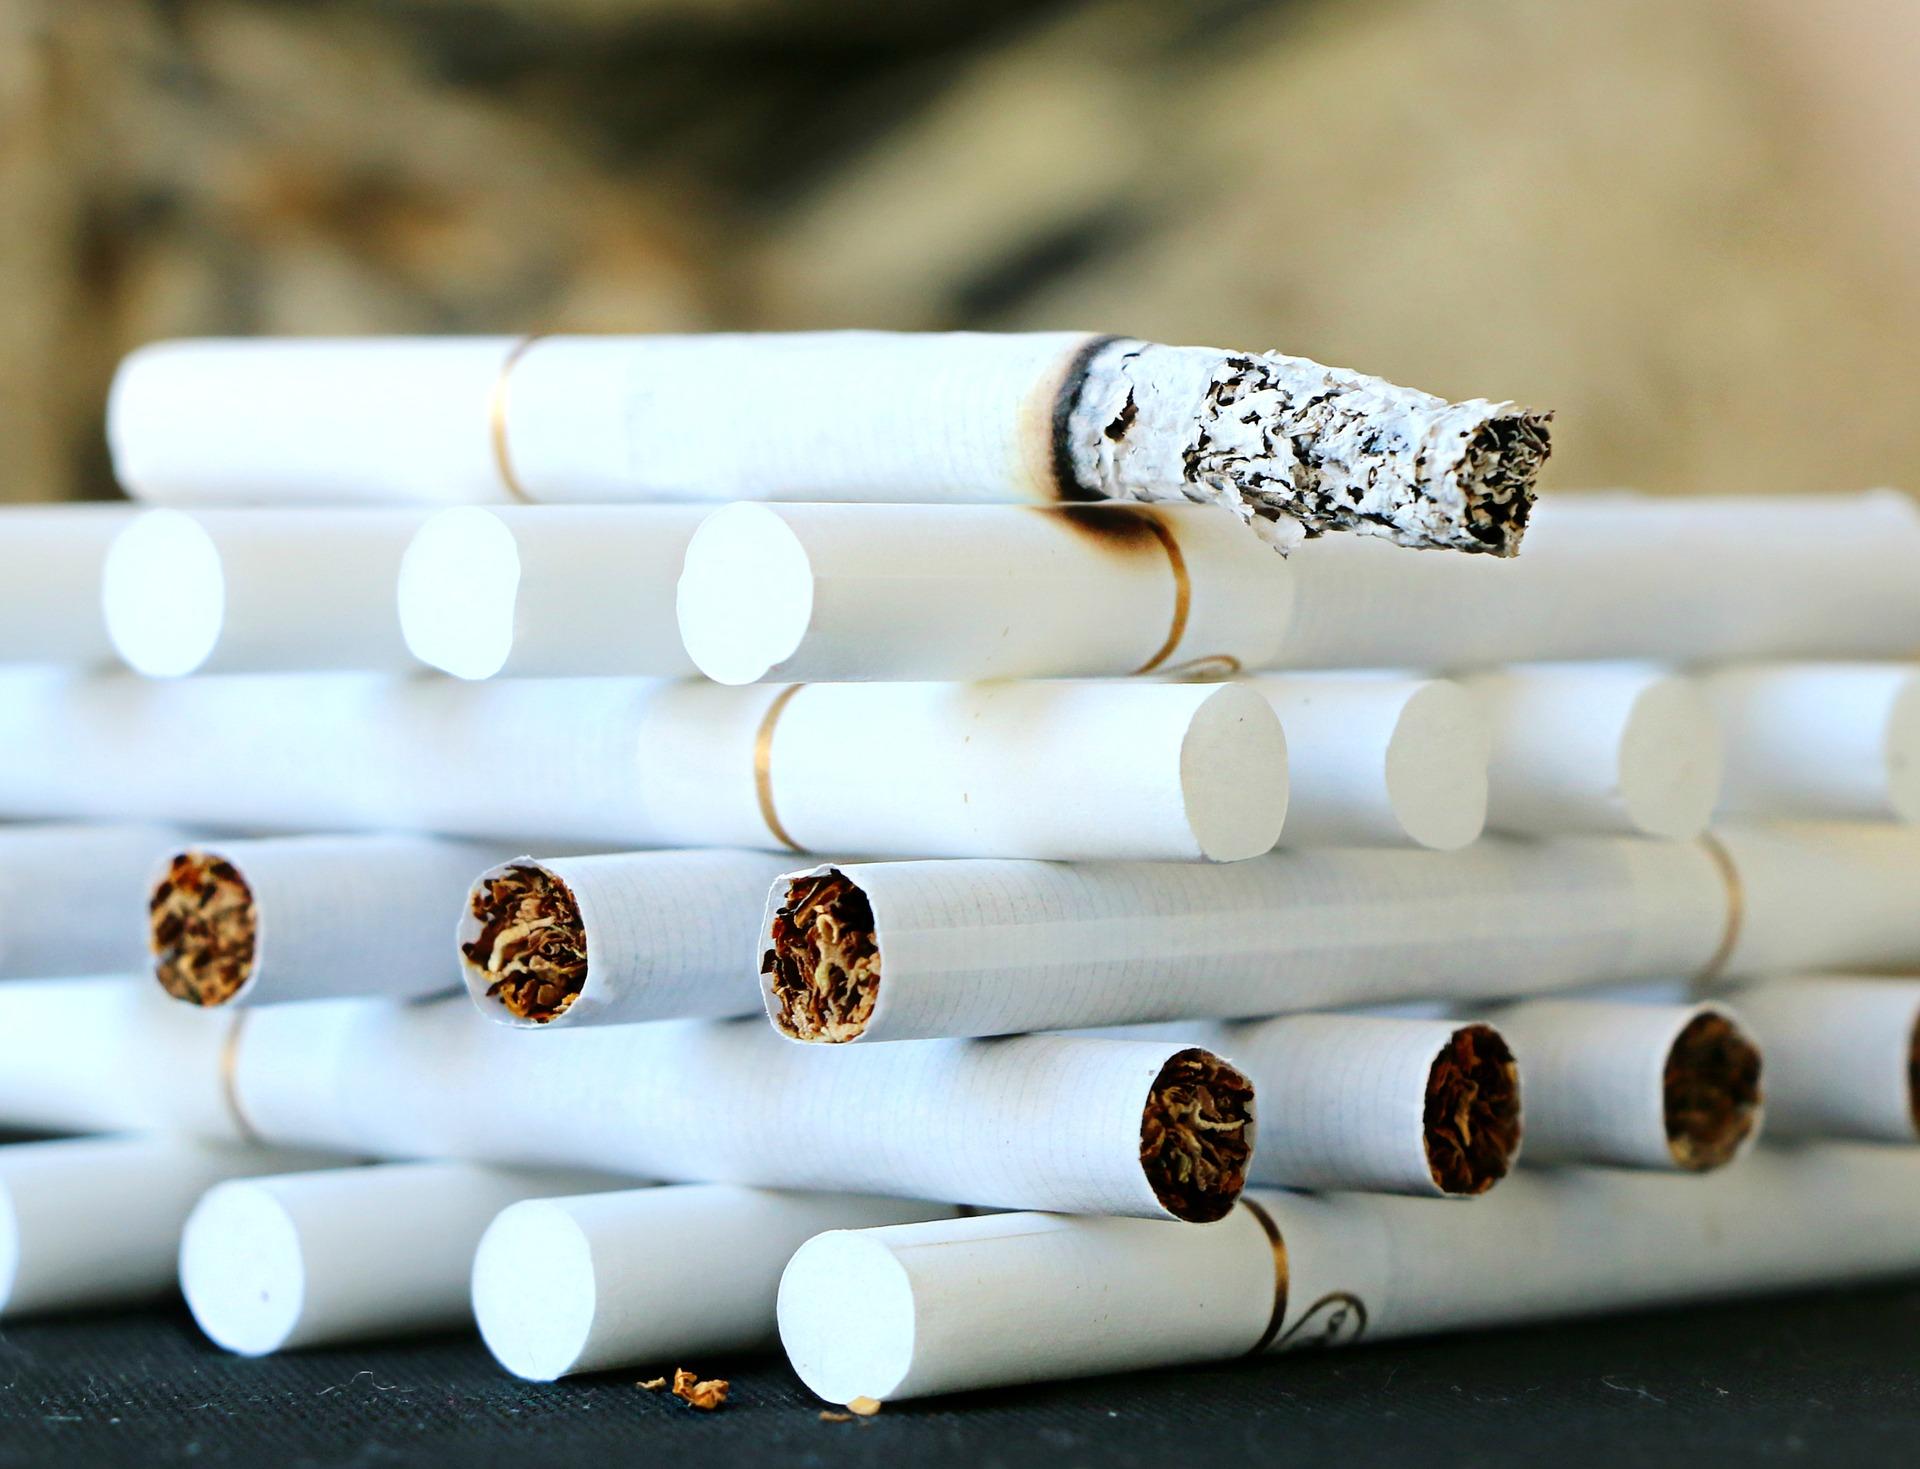 Как сэкономить деньги на сигаретах?